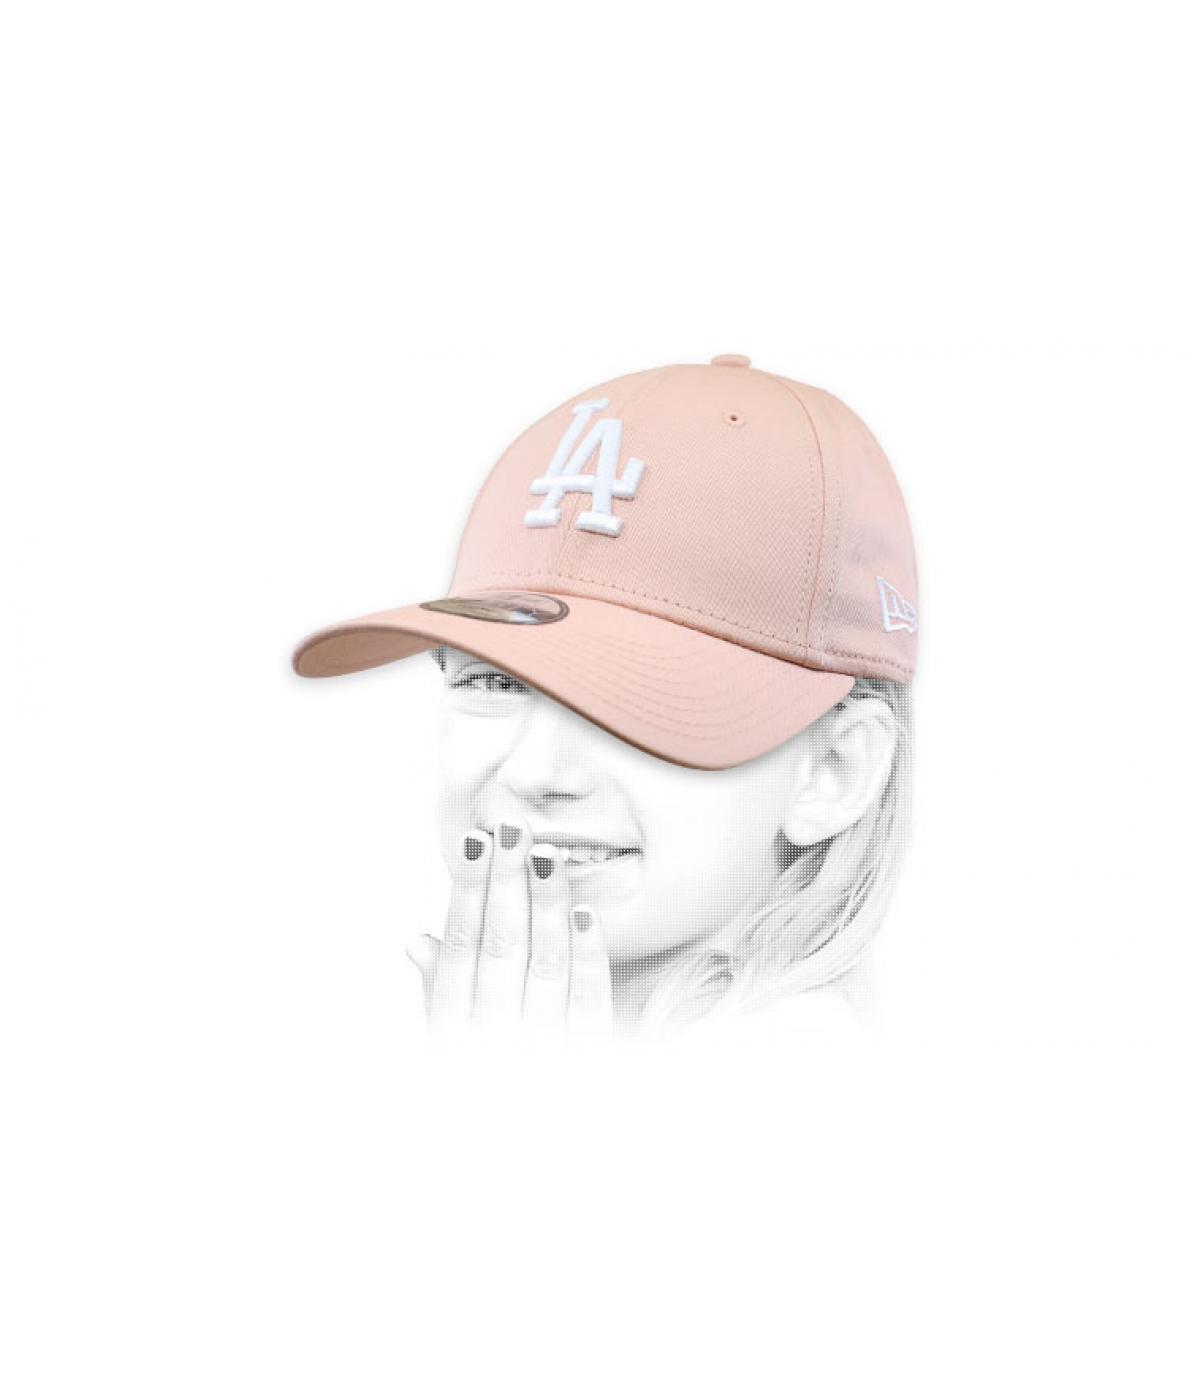 pink LA cap kid